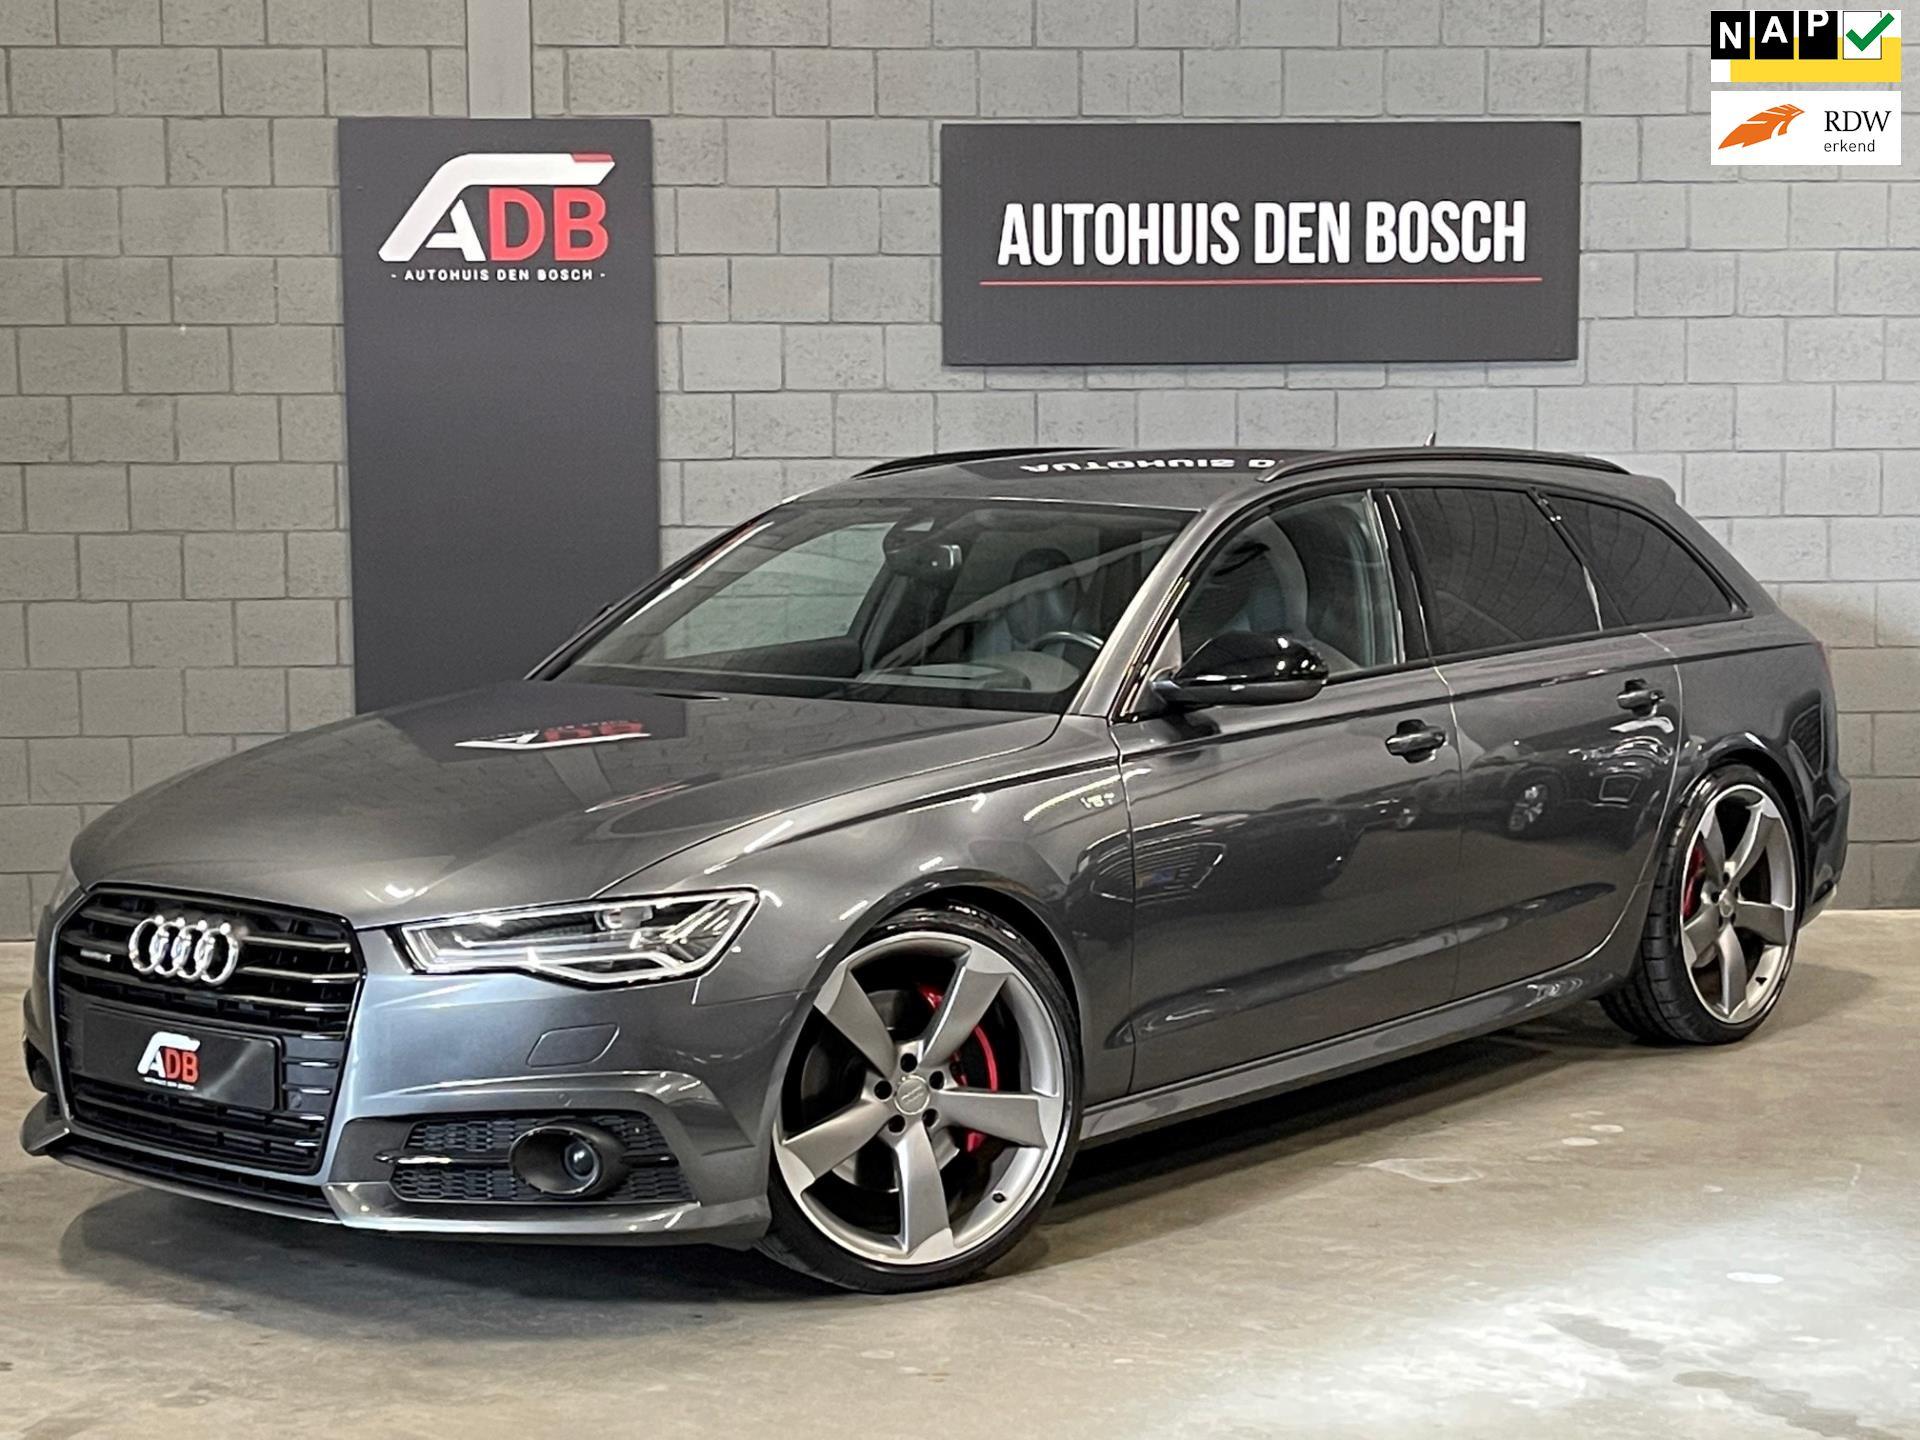 Audi A6 Avant occasion - Autohuis Den Bosch